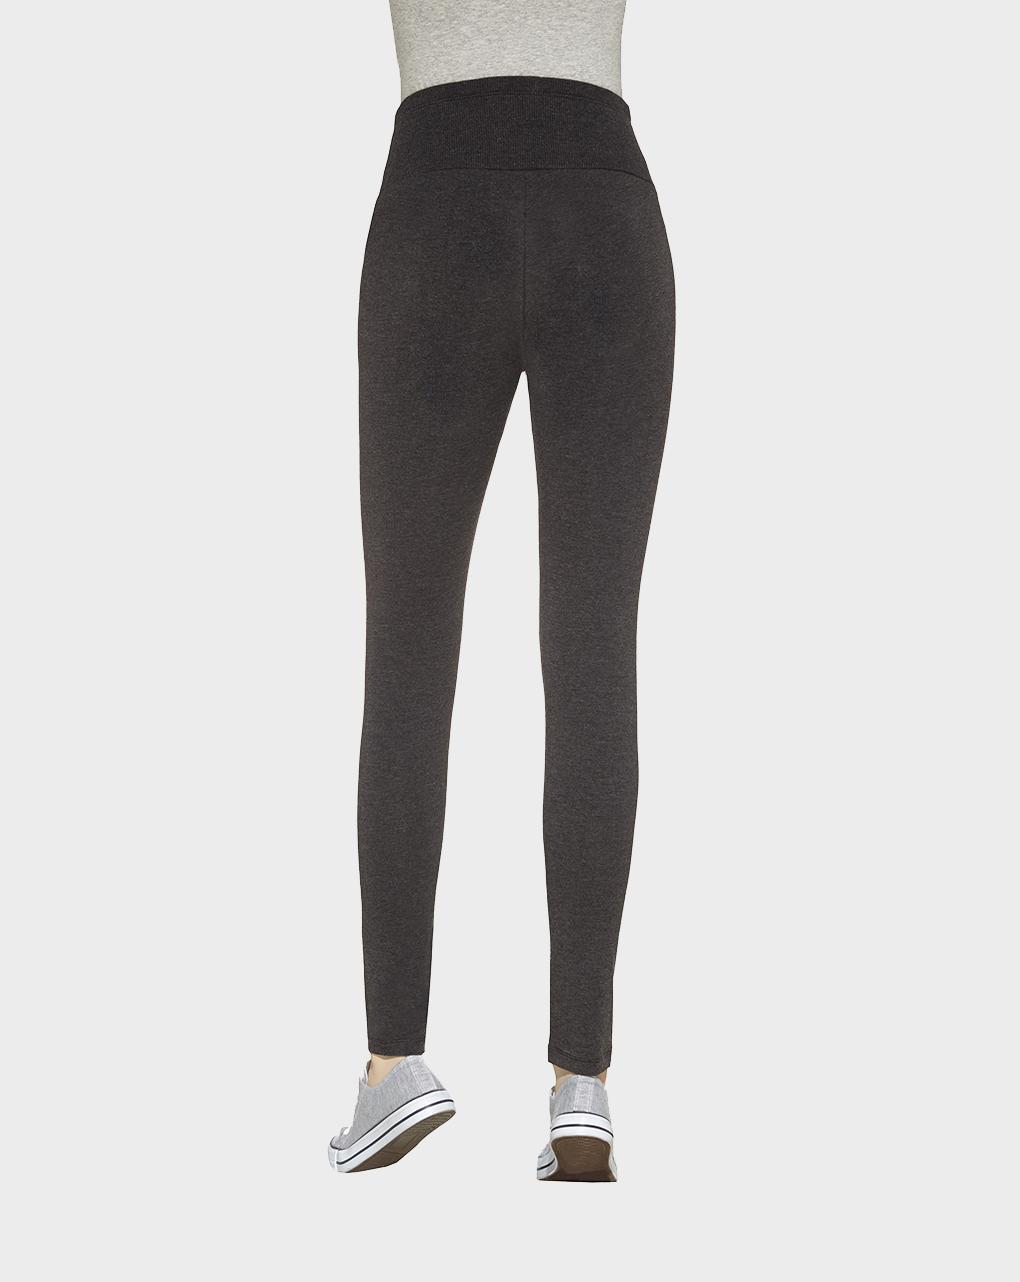 Leggings cinza escuro - Prénatal